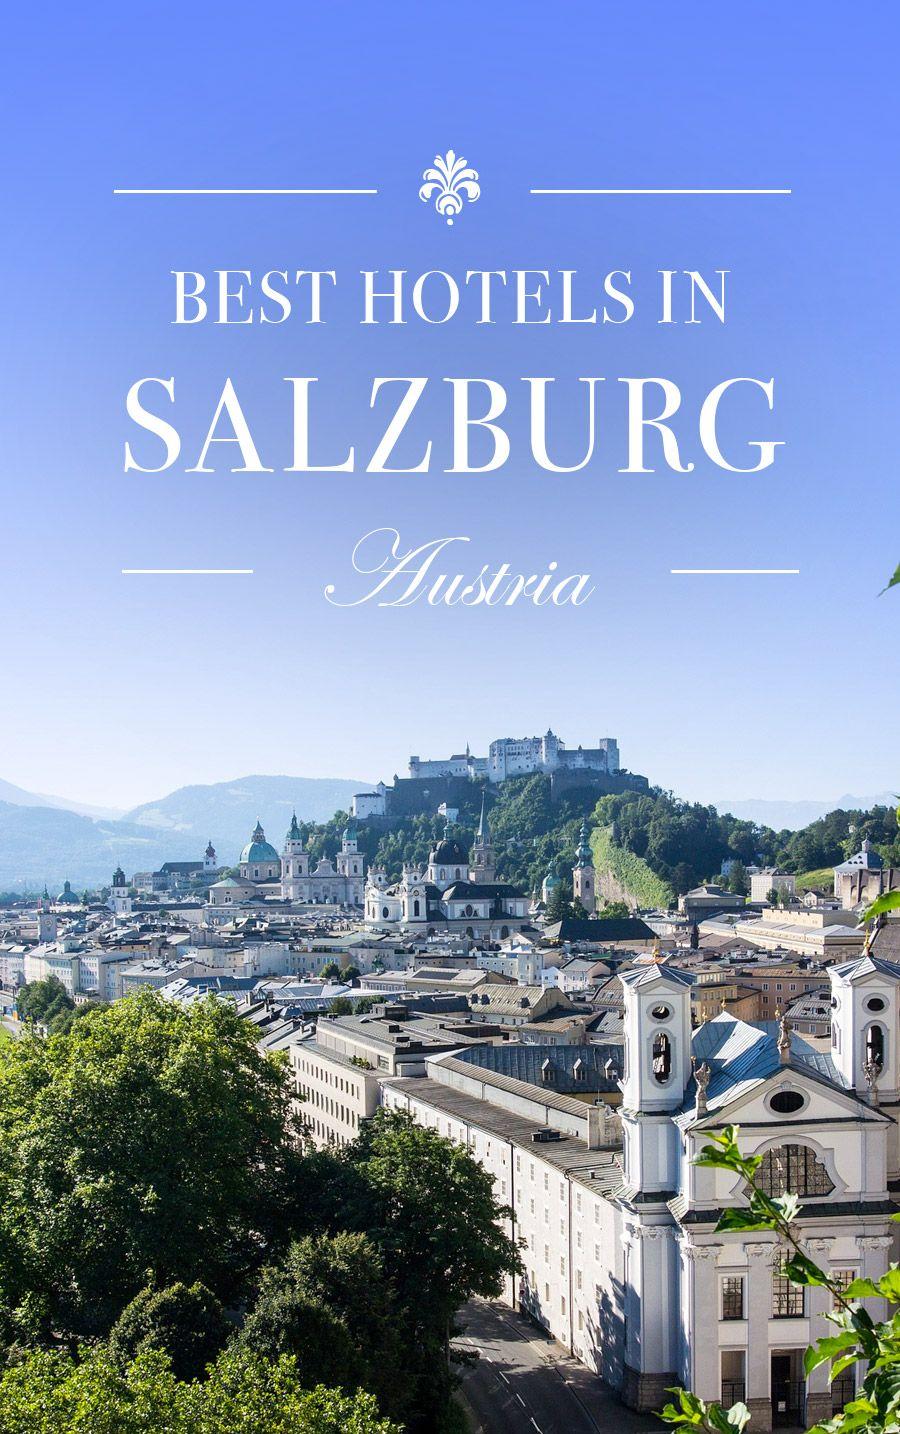 10 Best Hotels In Salzburg Austria